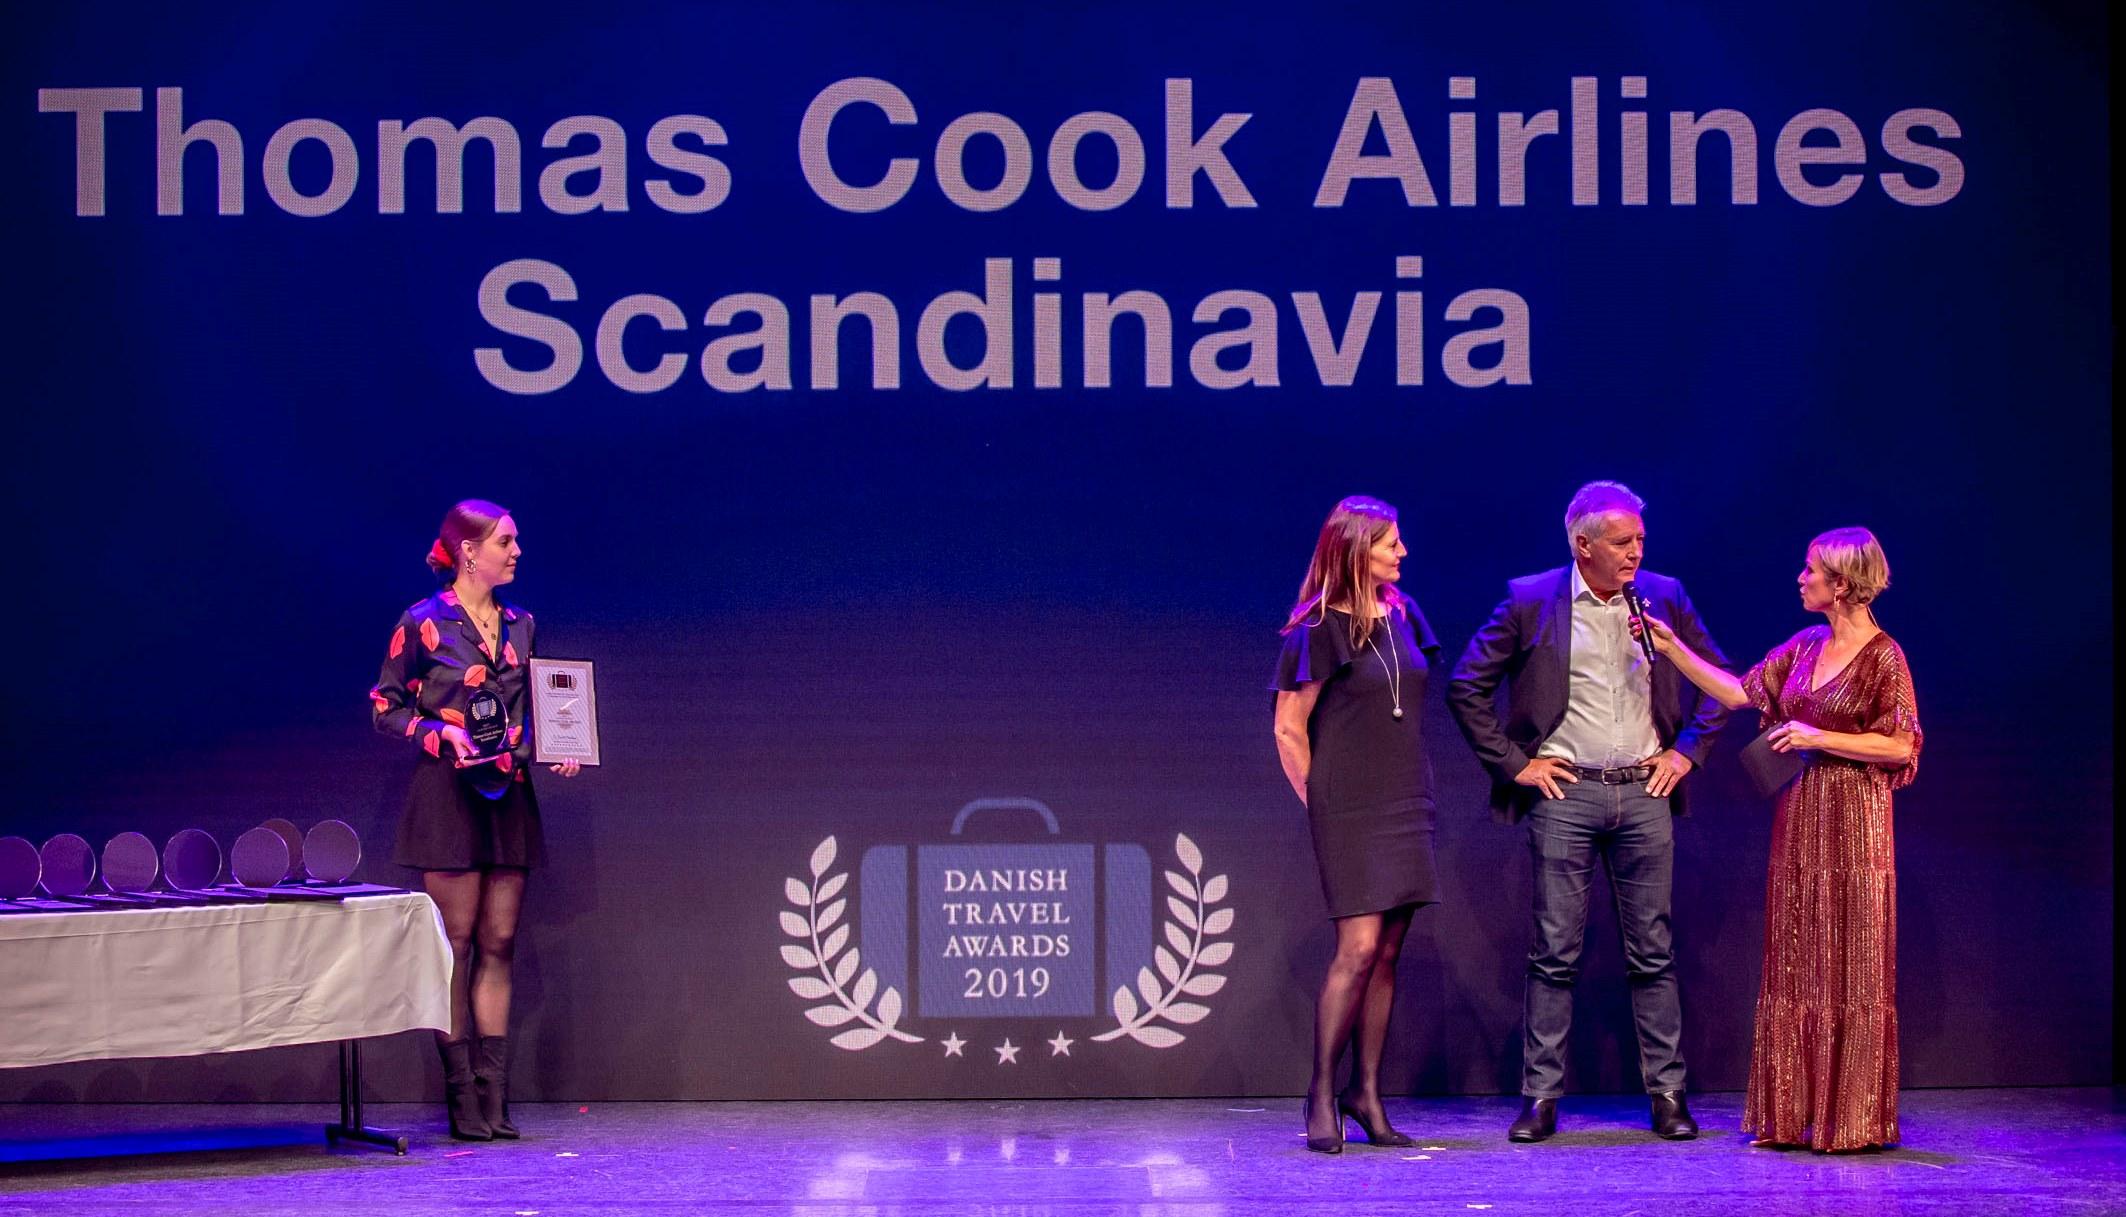 Lisbeth Nedergaard t.v. og John Alexandersen fra Thomas Cook Airlines Scandinavia modtog prisen som bedste charterflyselskab. (Foto: Michael Stub)